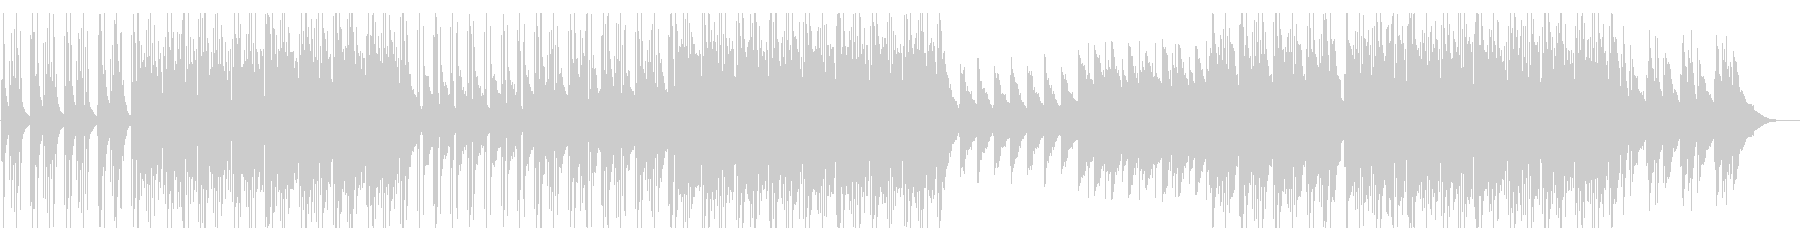 ピアノ主体の悲しげなインストの未再生の波形